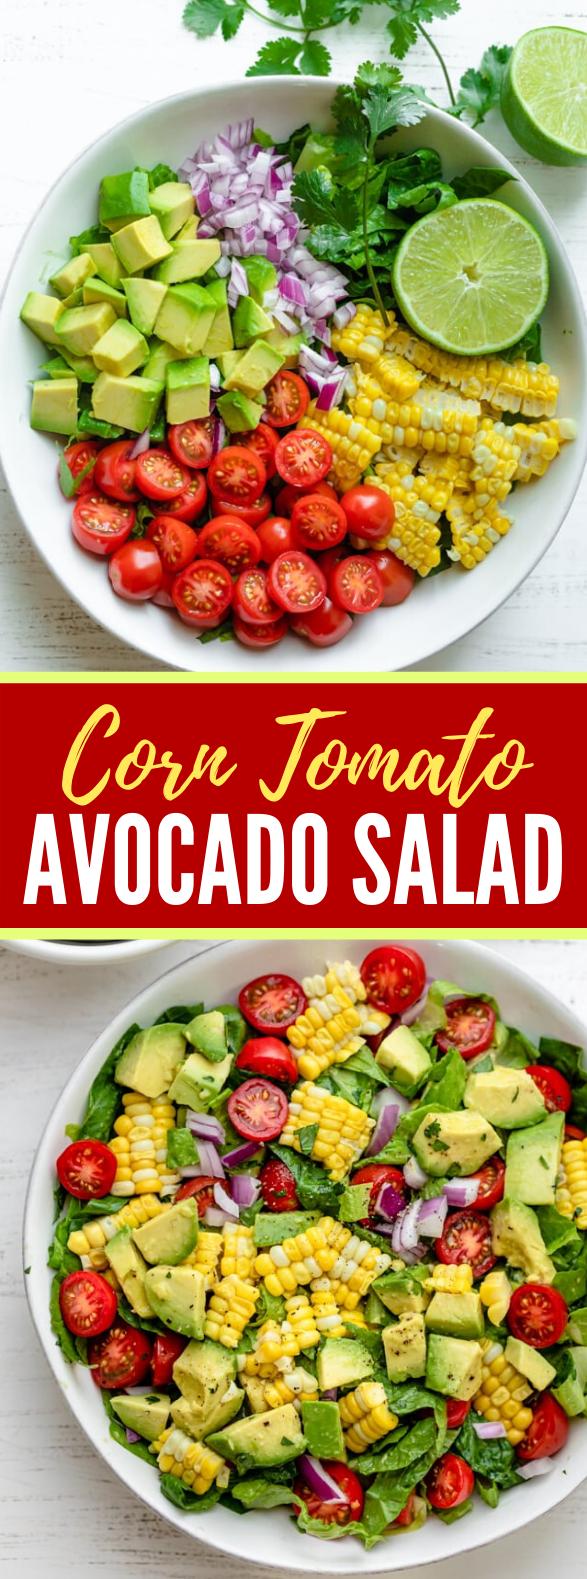 Corn Tomato Avocado Salad #vegan #ketofriendly